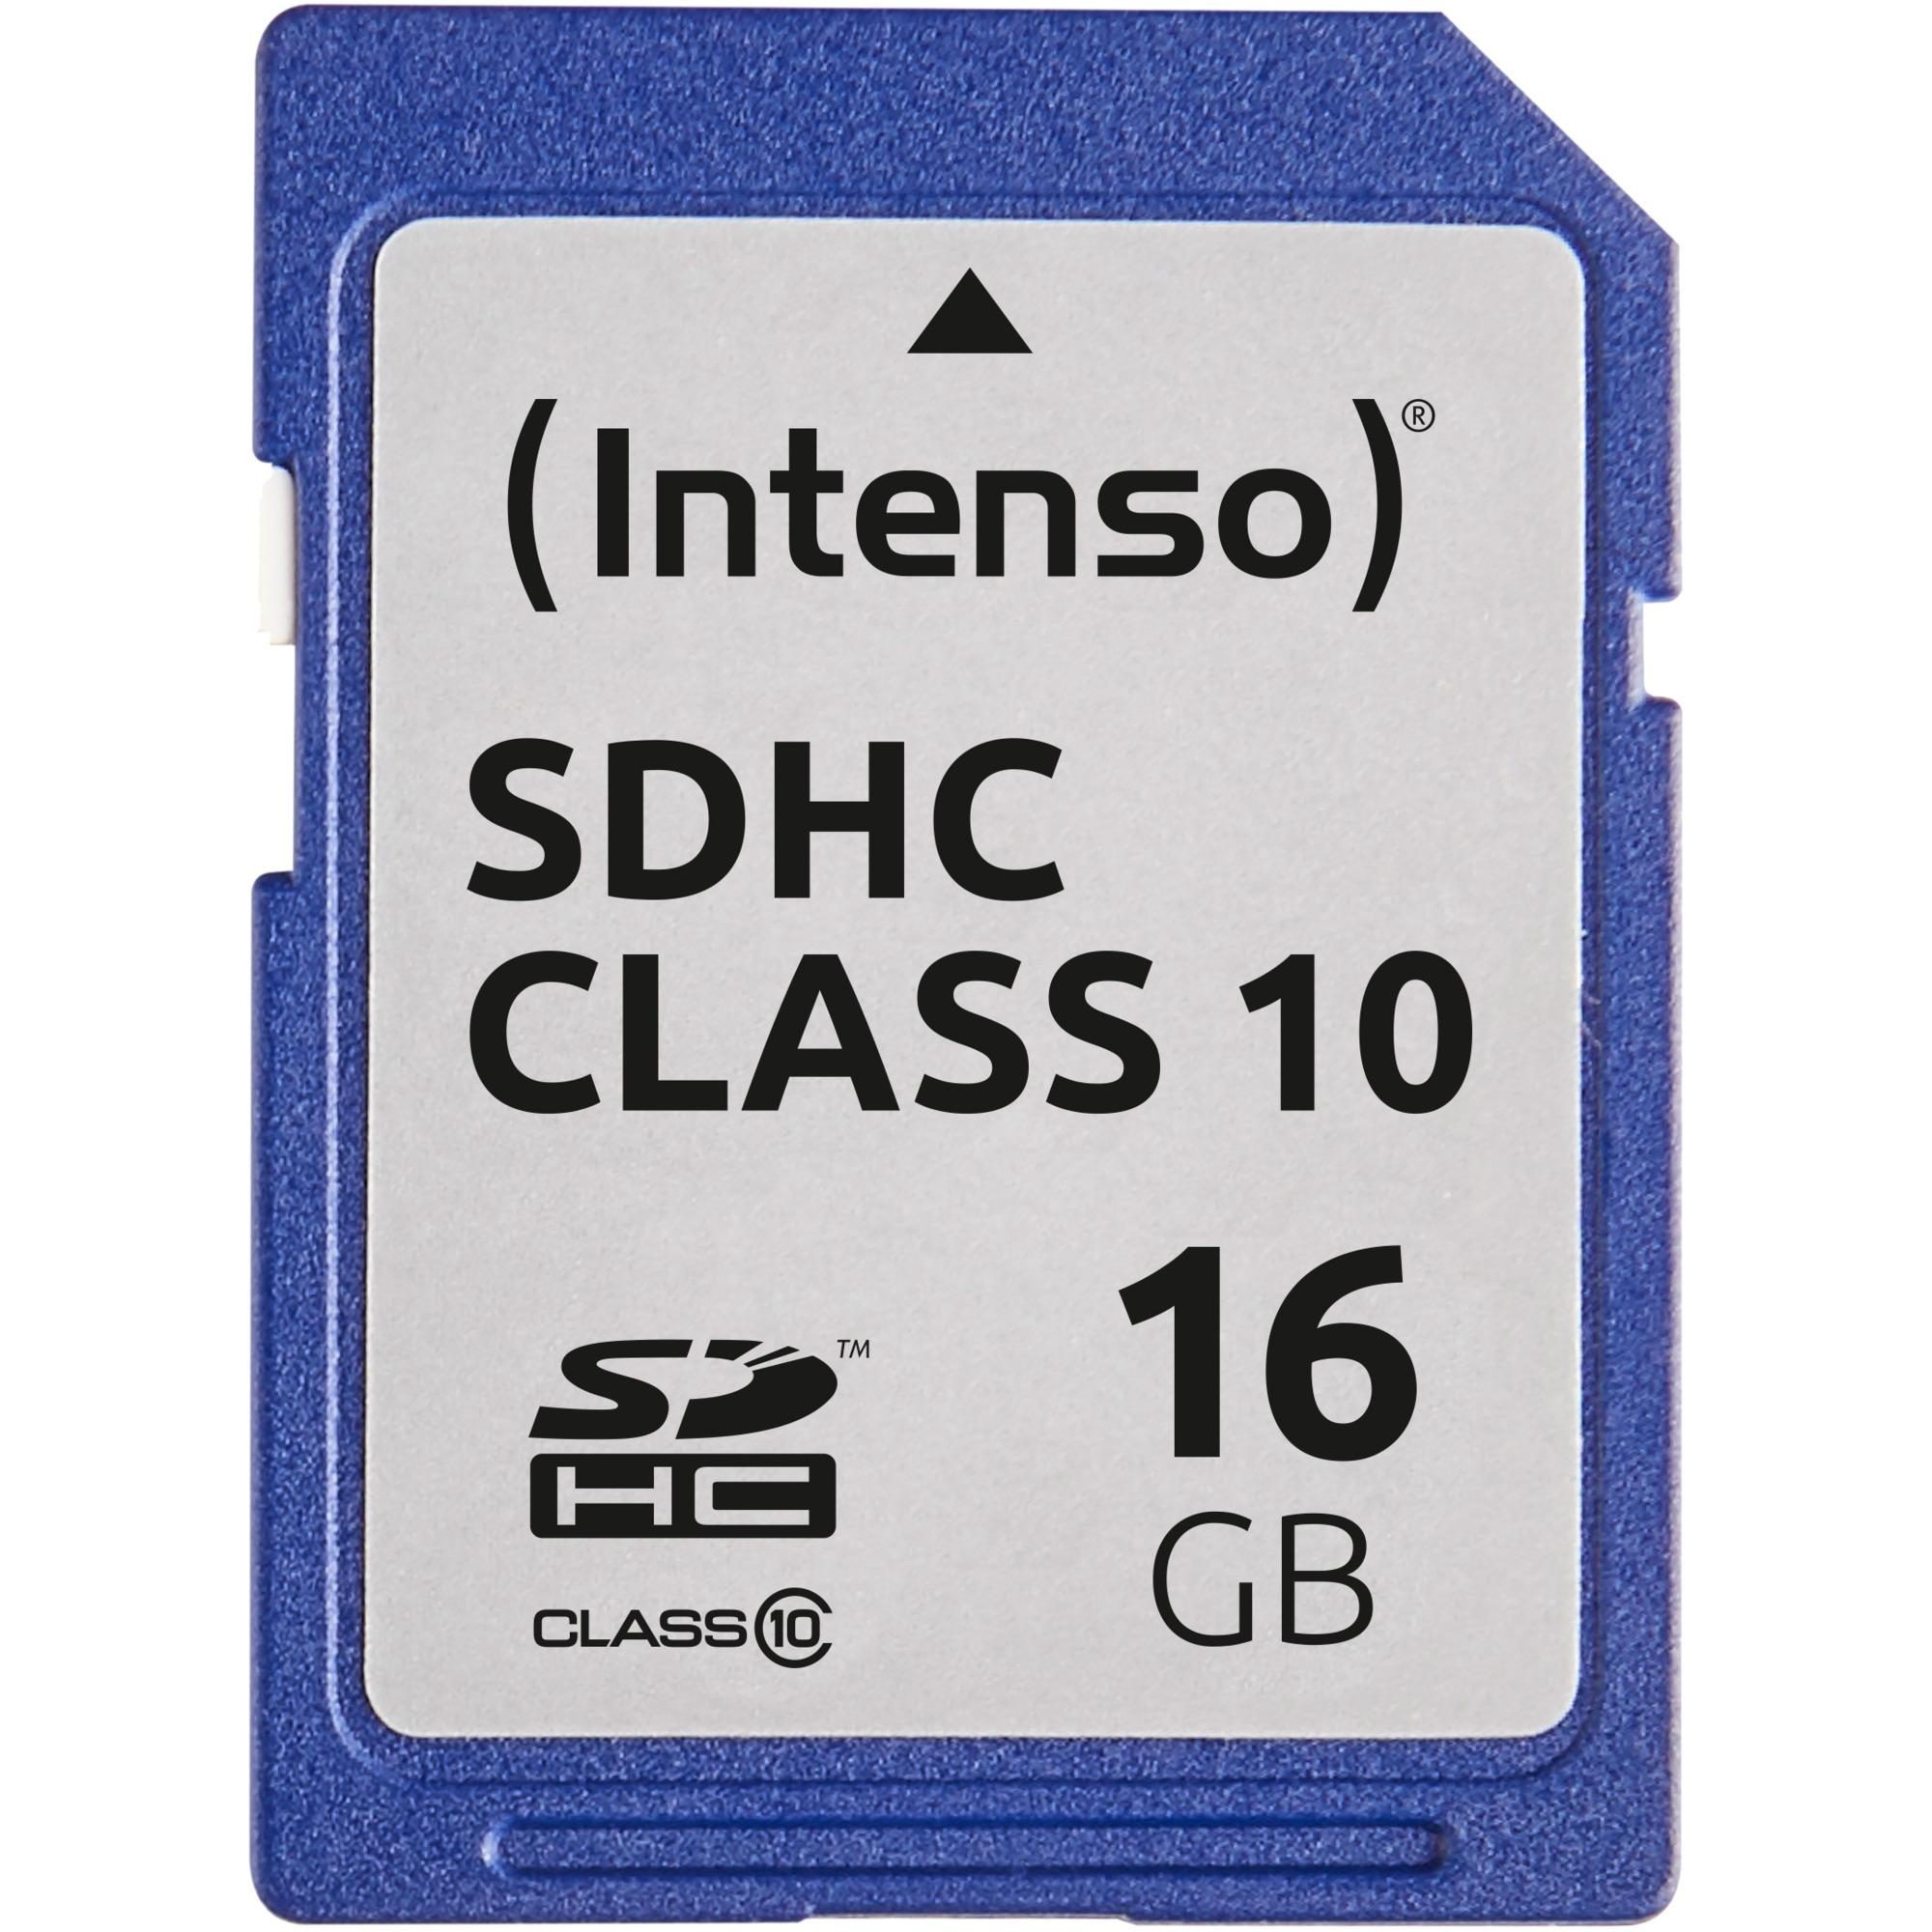 16GB SDHC 16GB SDHC Clase 10 memoria flash, Tarjeta de memoria